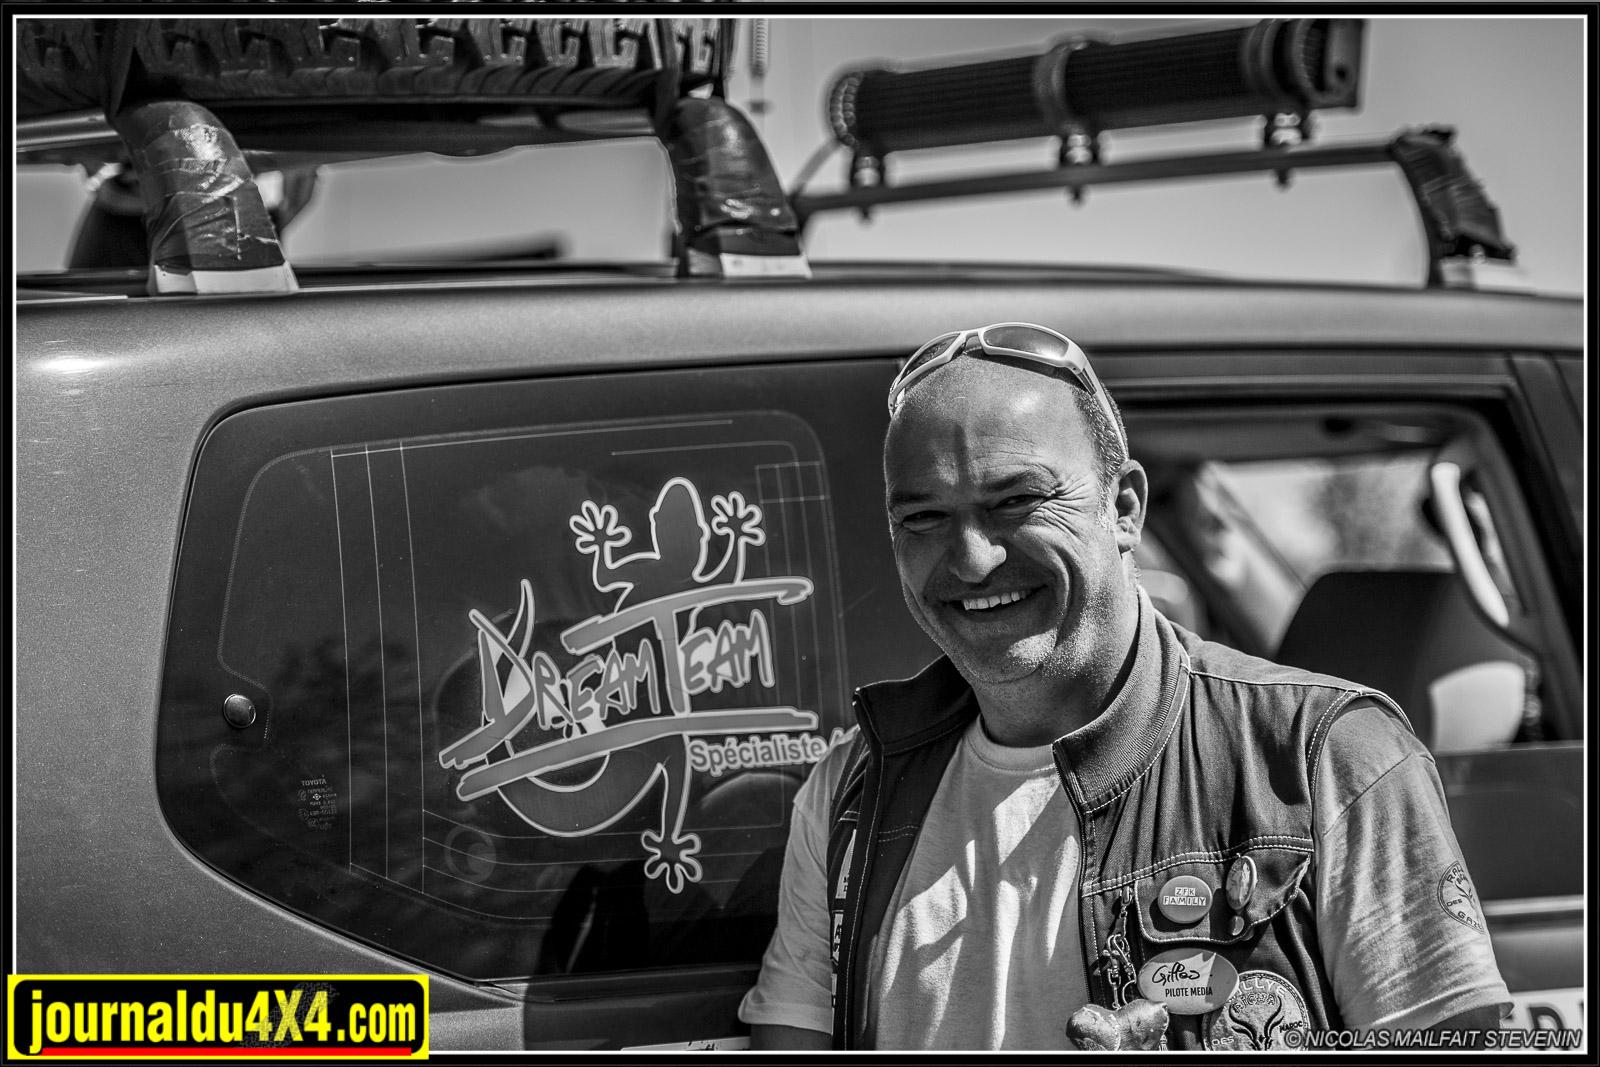 rallye-aicha-gazelles-maroc-2017-7840.jpg